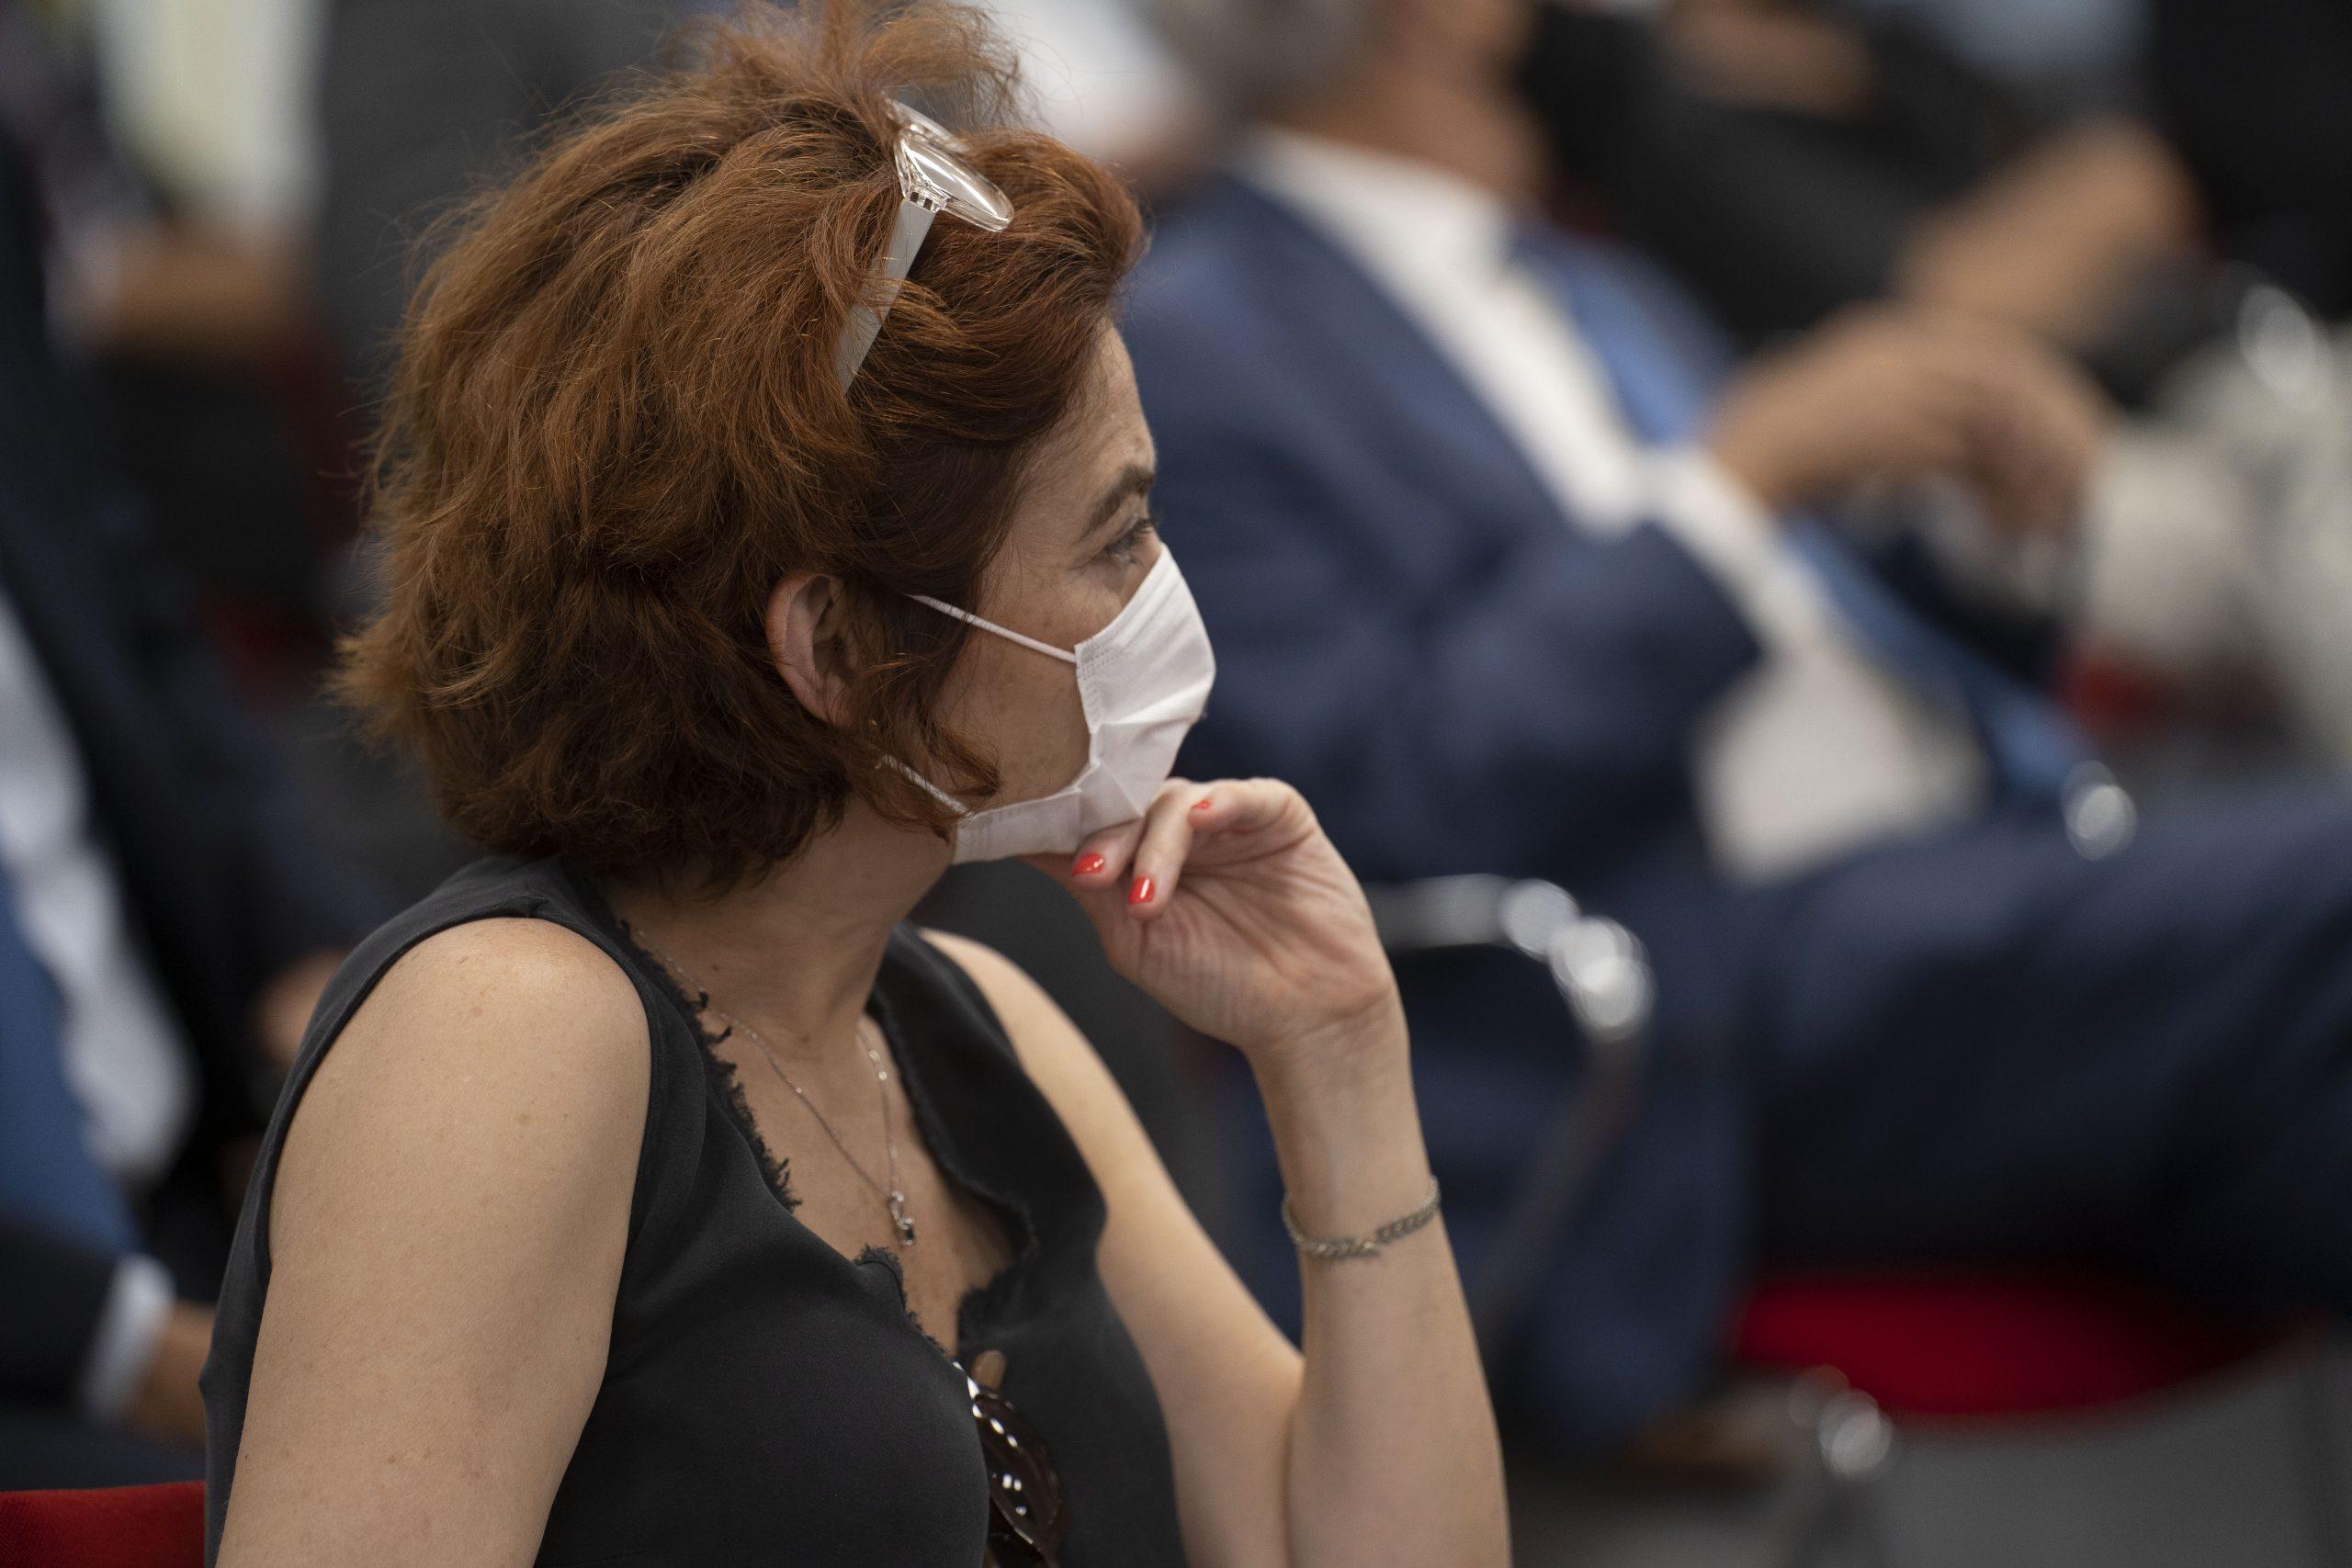 María Peña, Consejera Delegada ICEX, Patrono de la Fundación Euroamérica